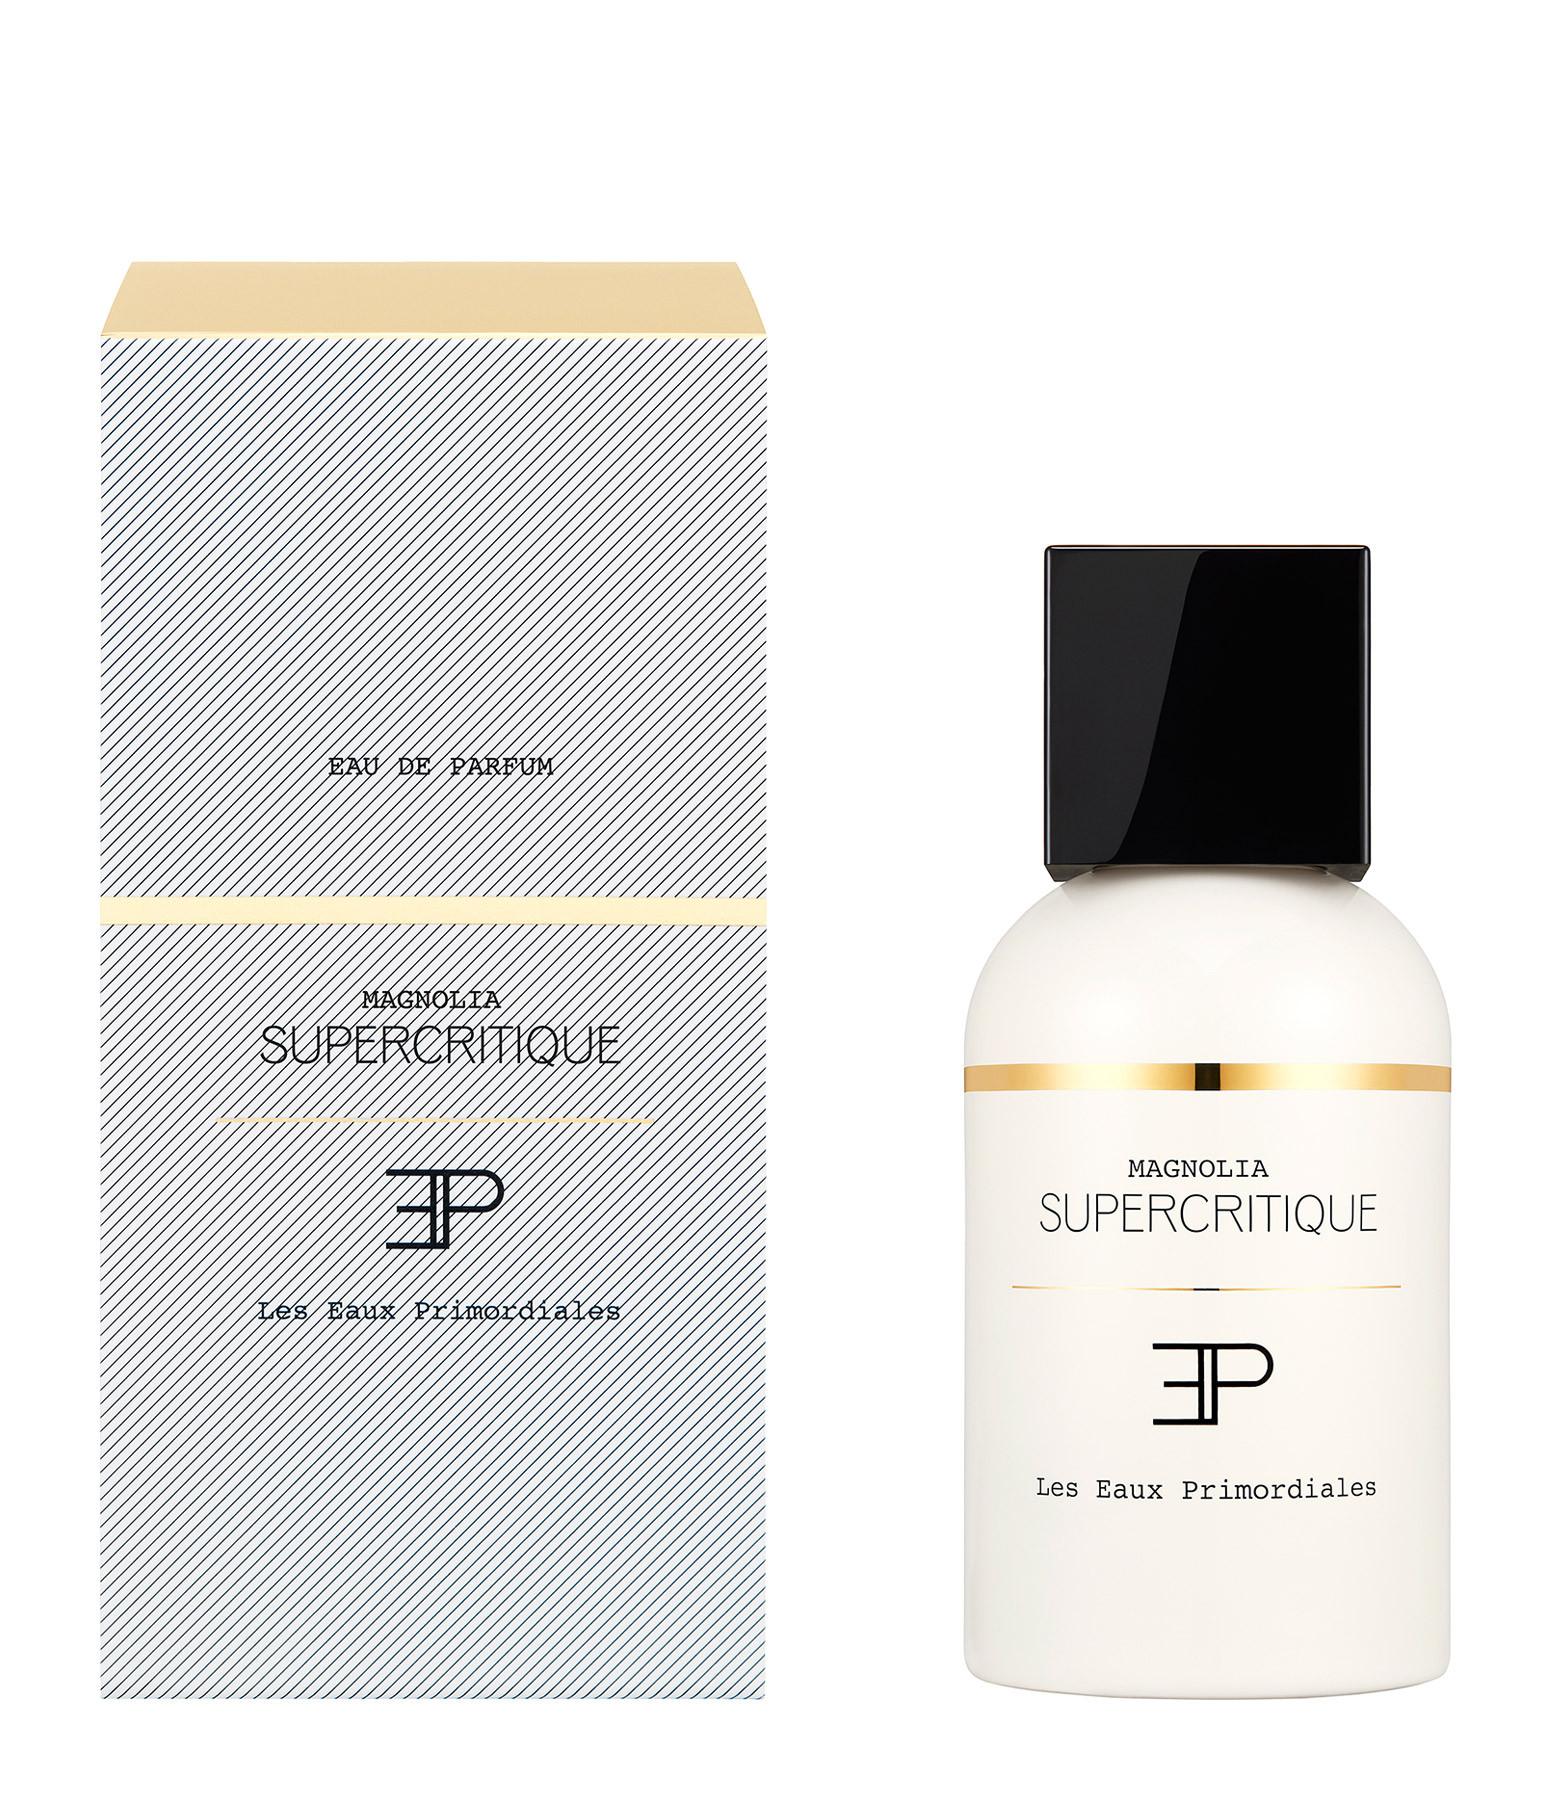 LES EAUX PRIMORDIALES - Eau de Parfum Supercritique Magnolia 100 ml